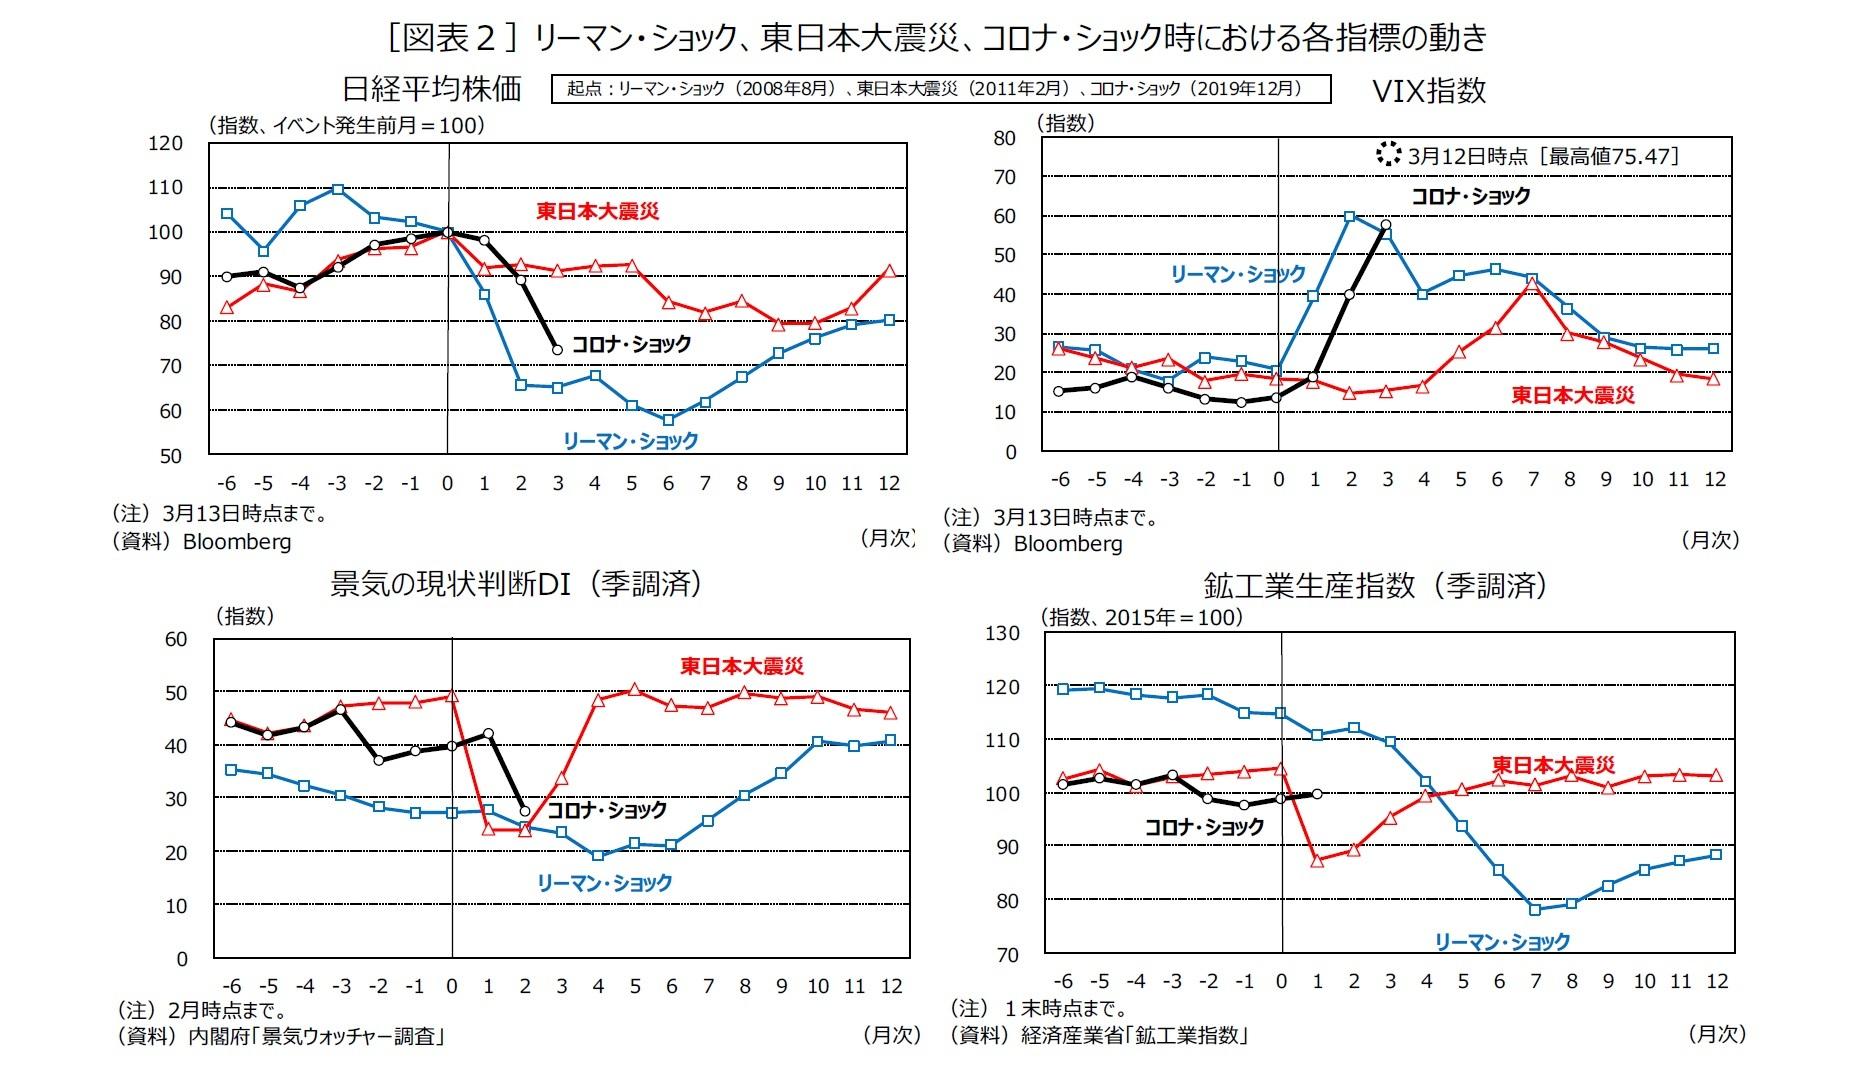 [図表2]リーマン・ショック、東日本大震災、コロナ・ショック時における各指標の動き